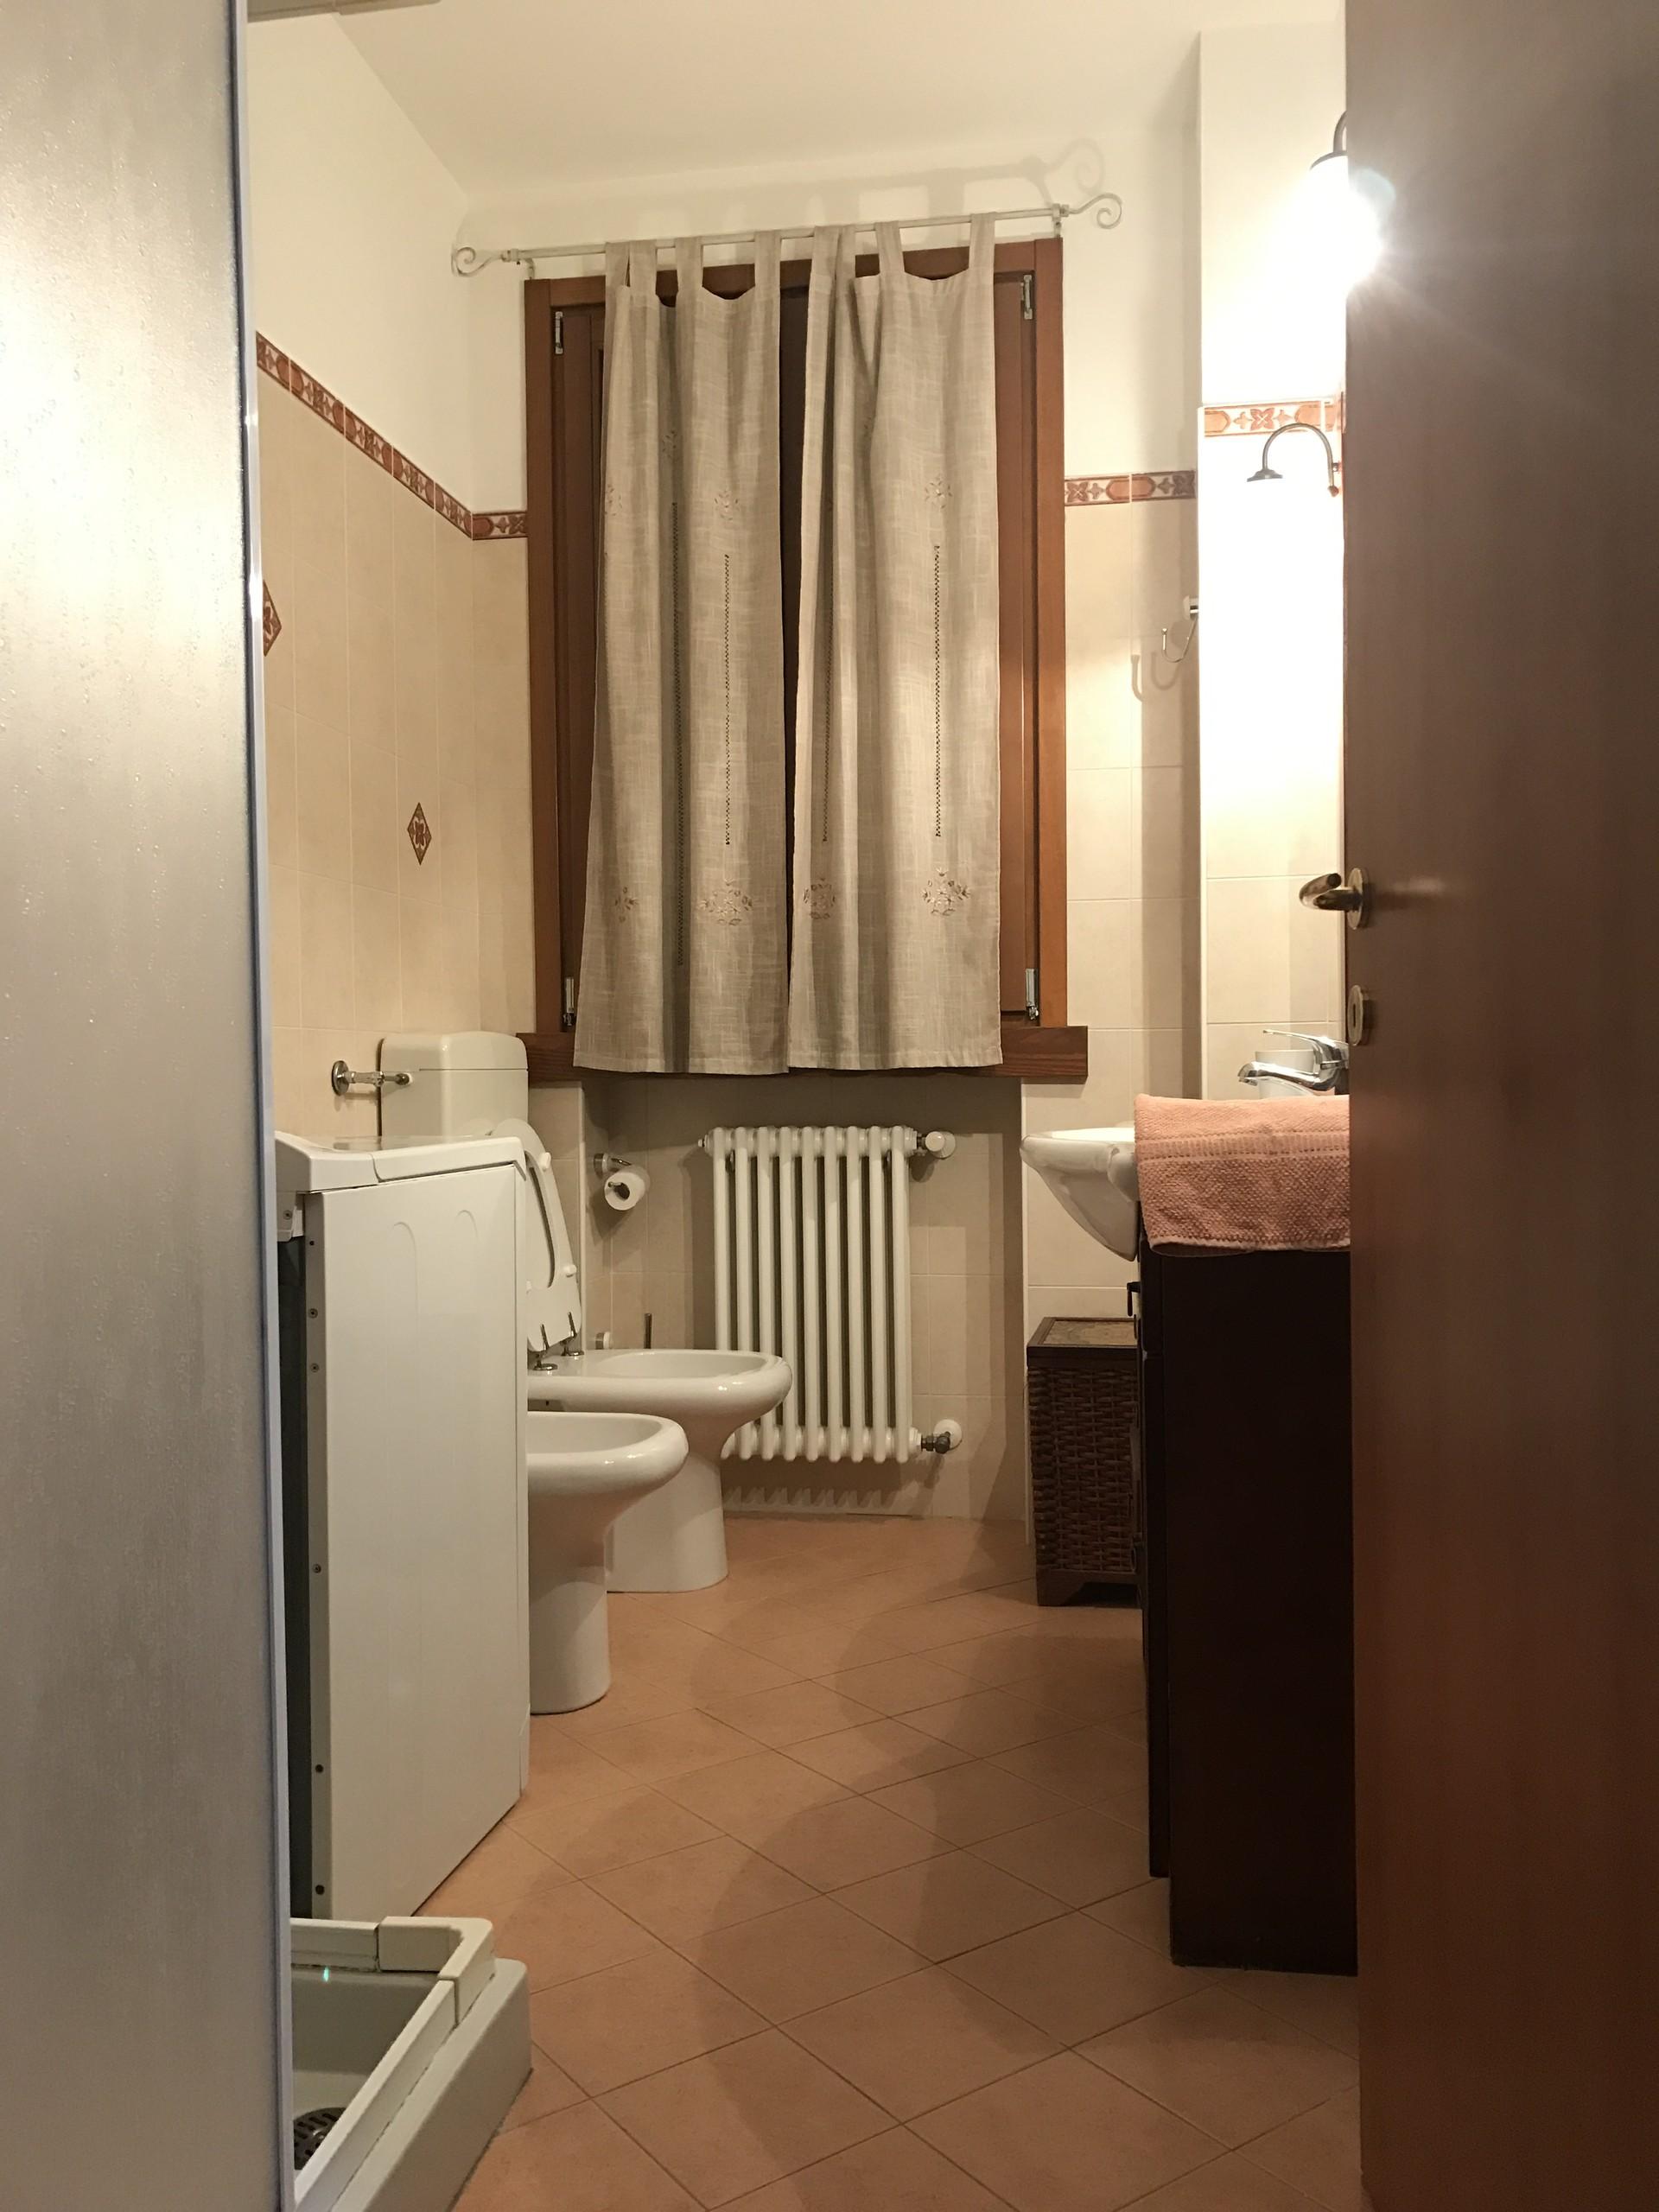 Via Lombardia, 6, 43121 Parma PR, Italia